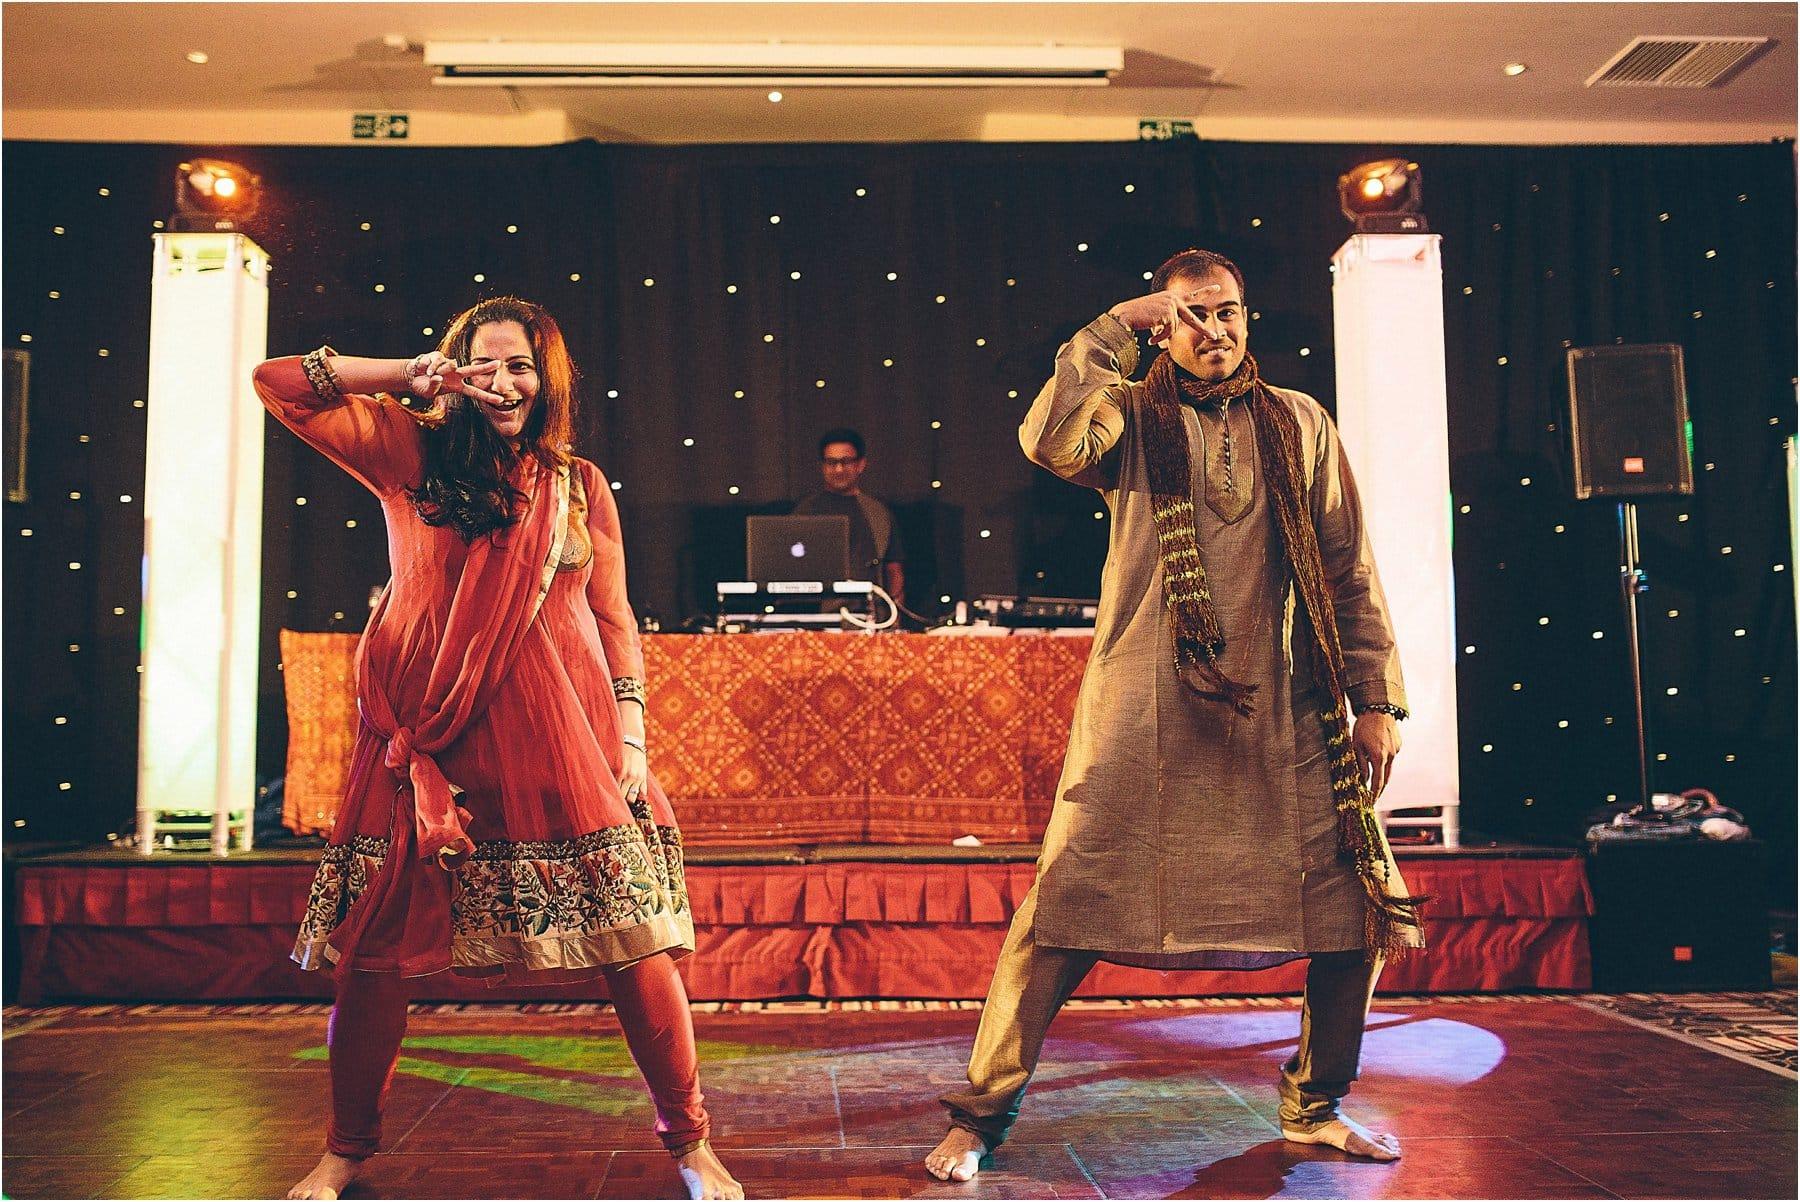 Lancashire_Indian_Wedding_Photography_0033